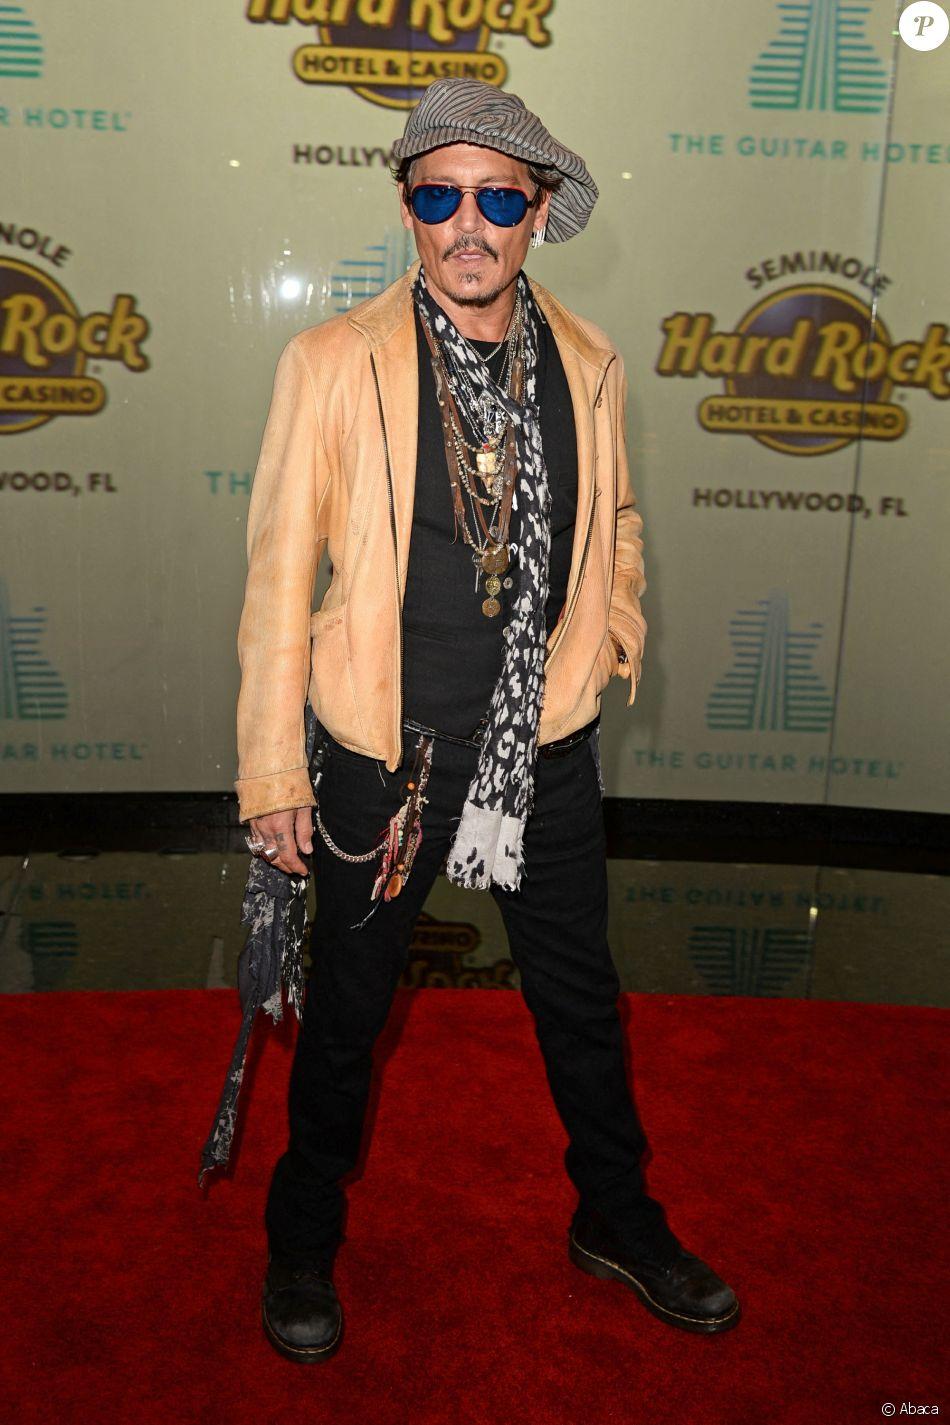 """Johnny Depp assiste à l'ouverture du """"Guitar Hotel"""" au """"Seminole Hard Rock Hotel et Casino"""" à Hollywood en Floride, le 24 octobre 2019."""